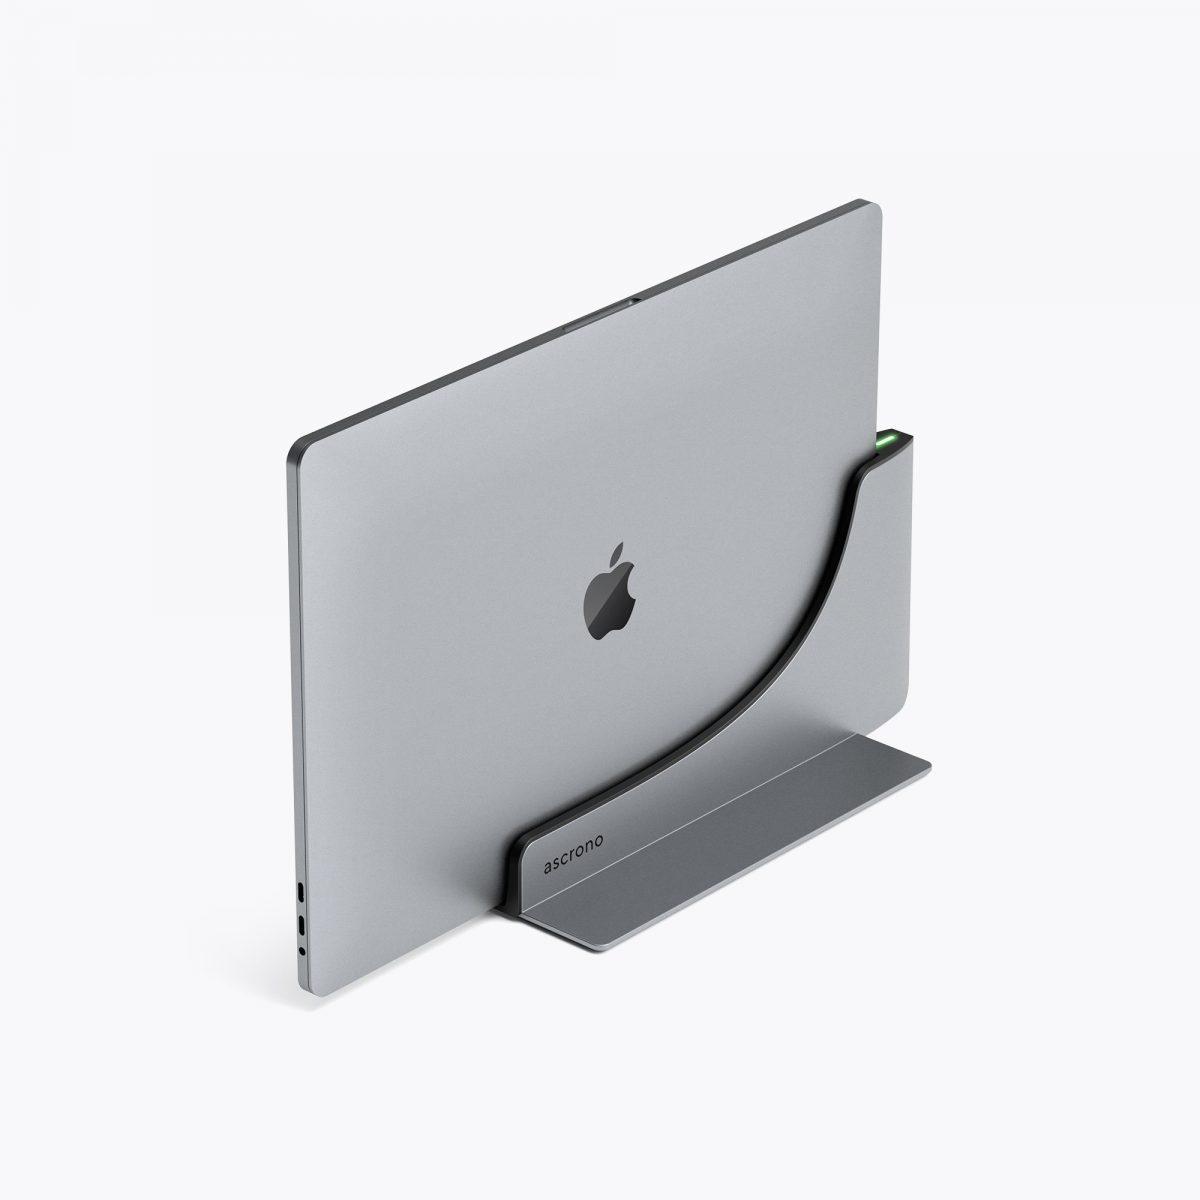 MacBook docking station design